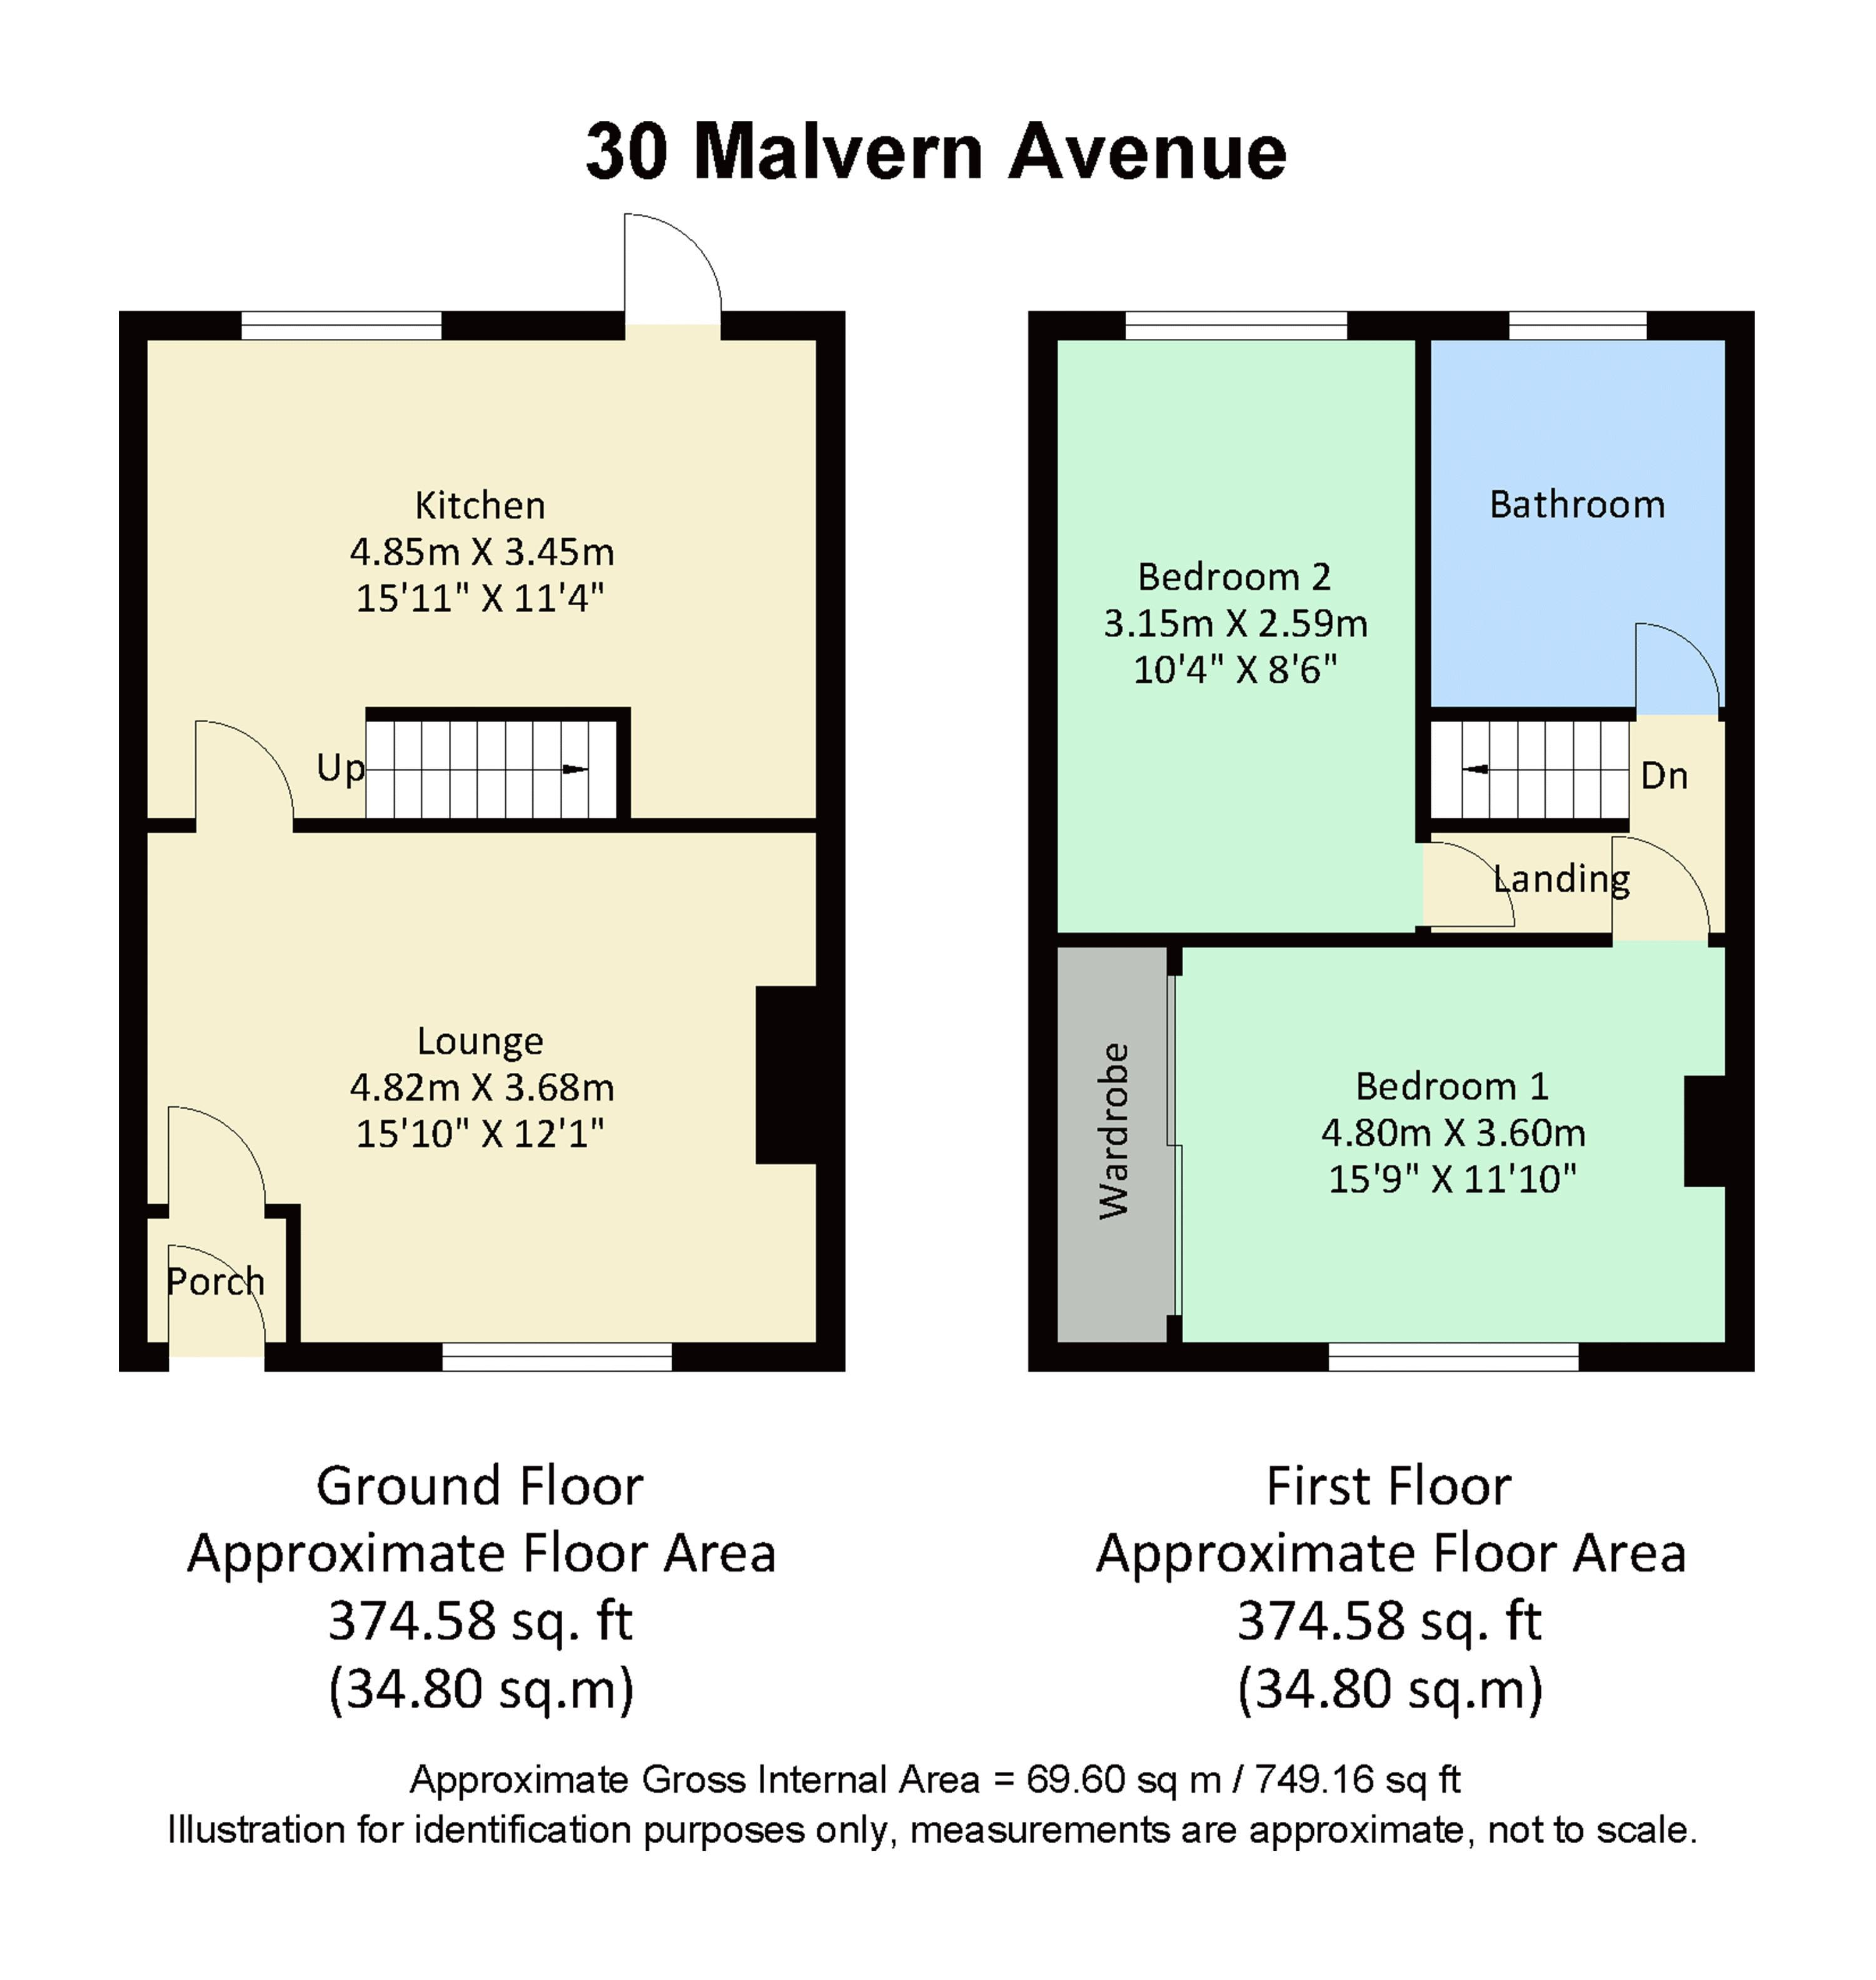 30 Malvern Avenue